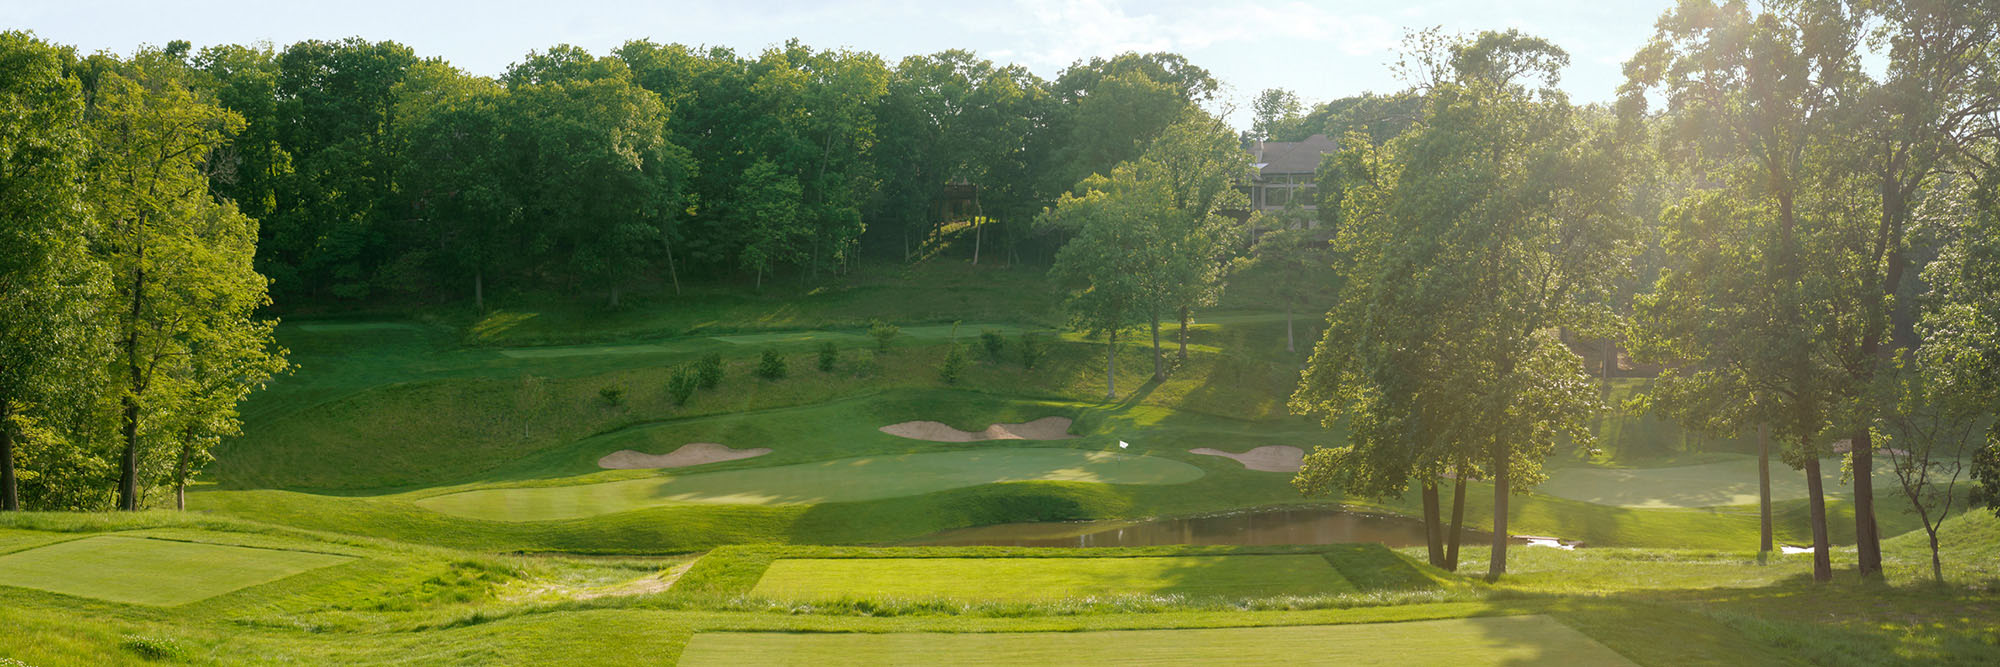 Golf Course Image - Loch Lloyd No. 2